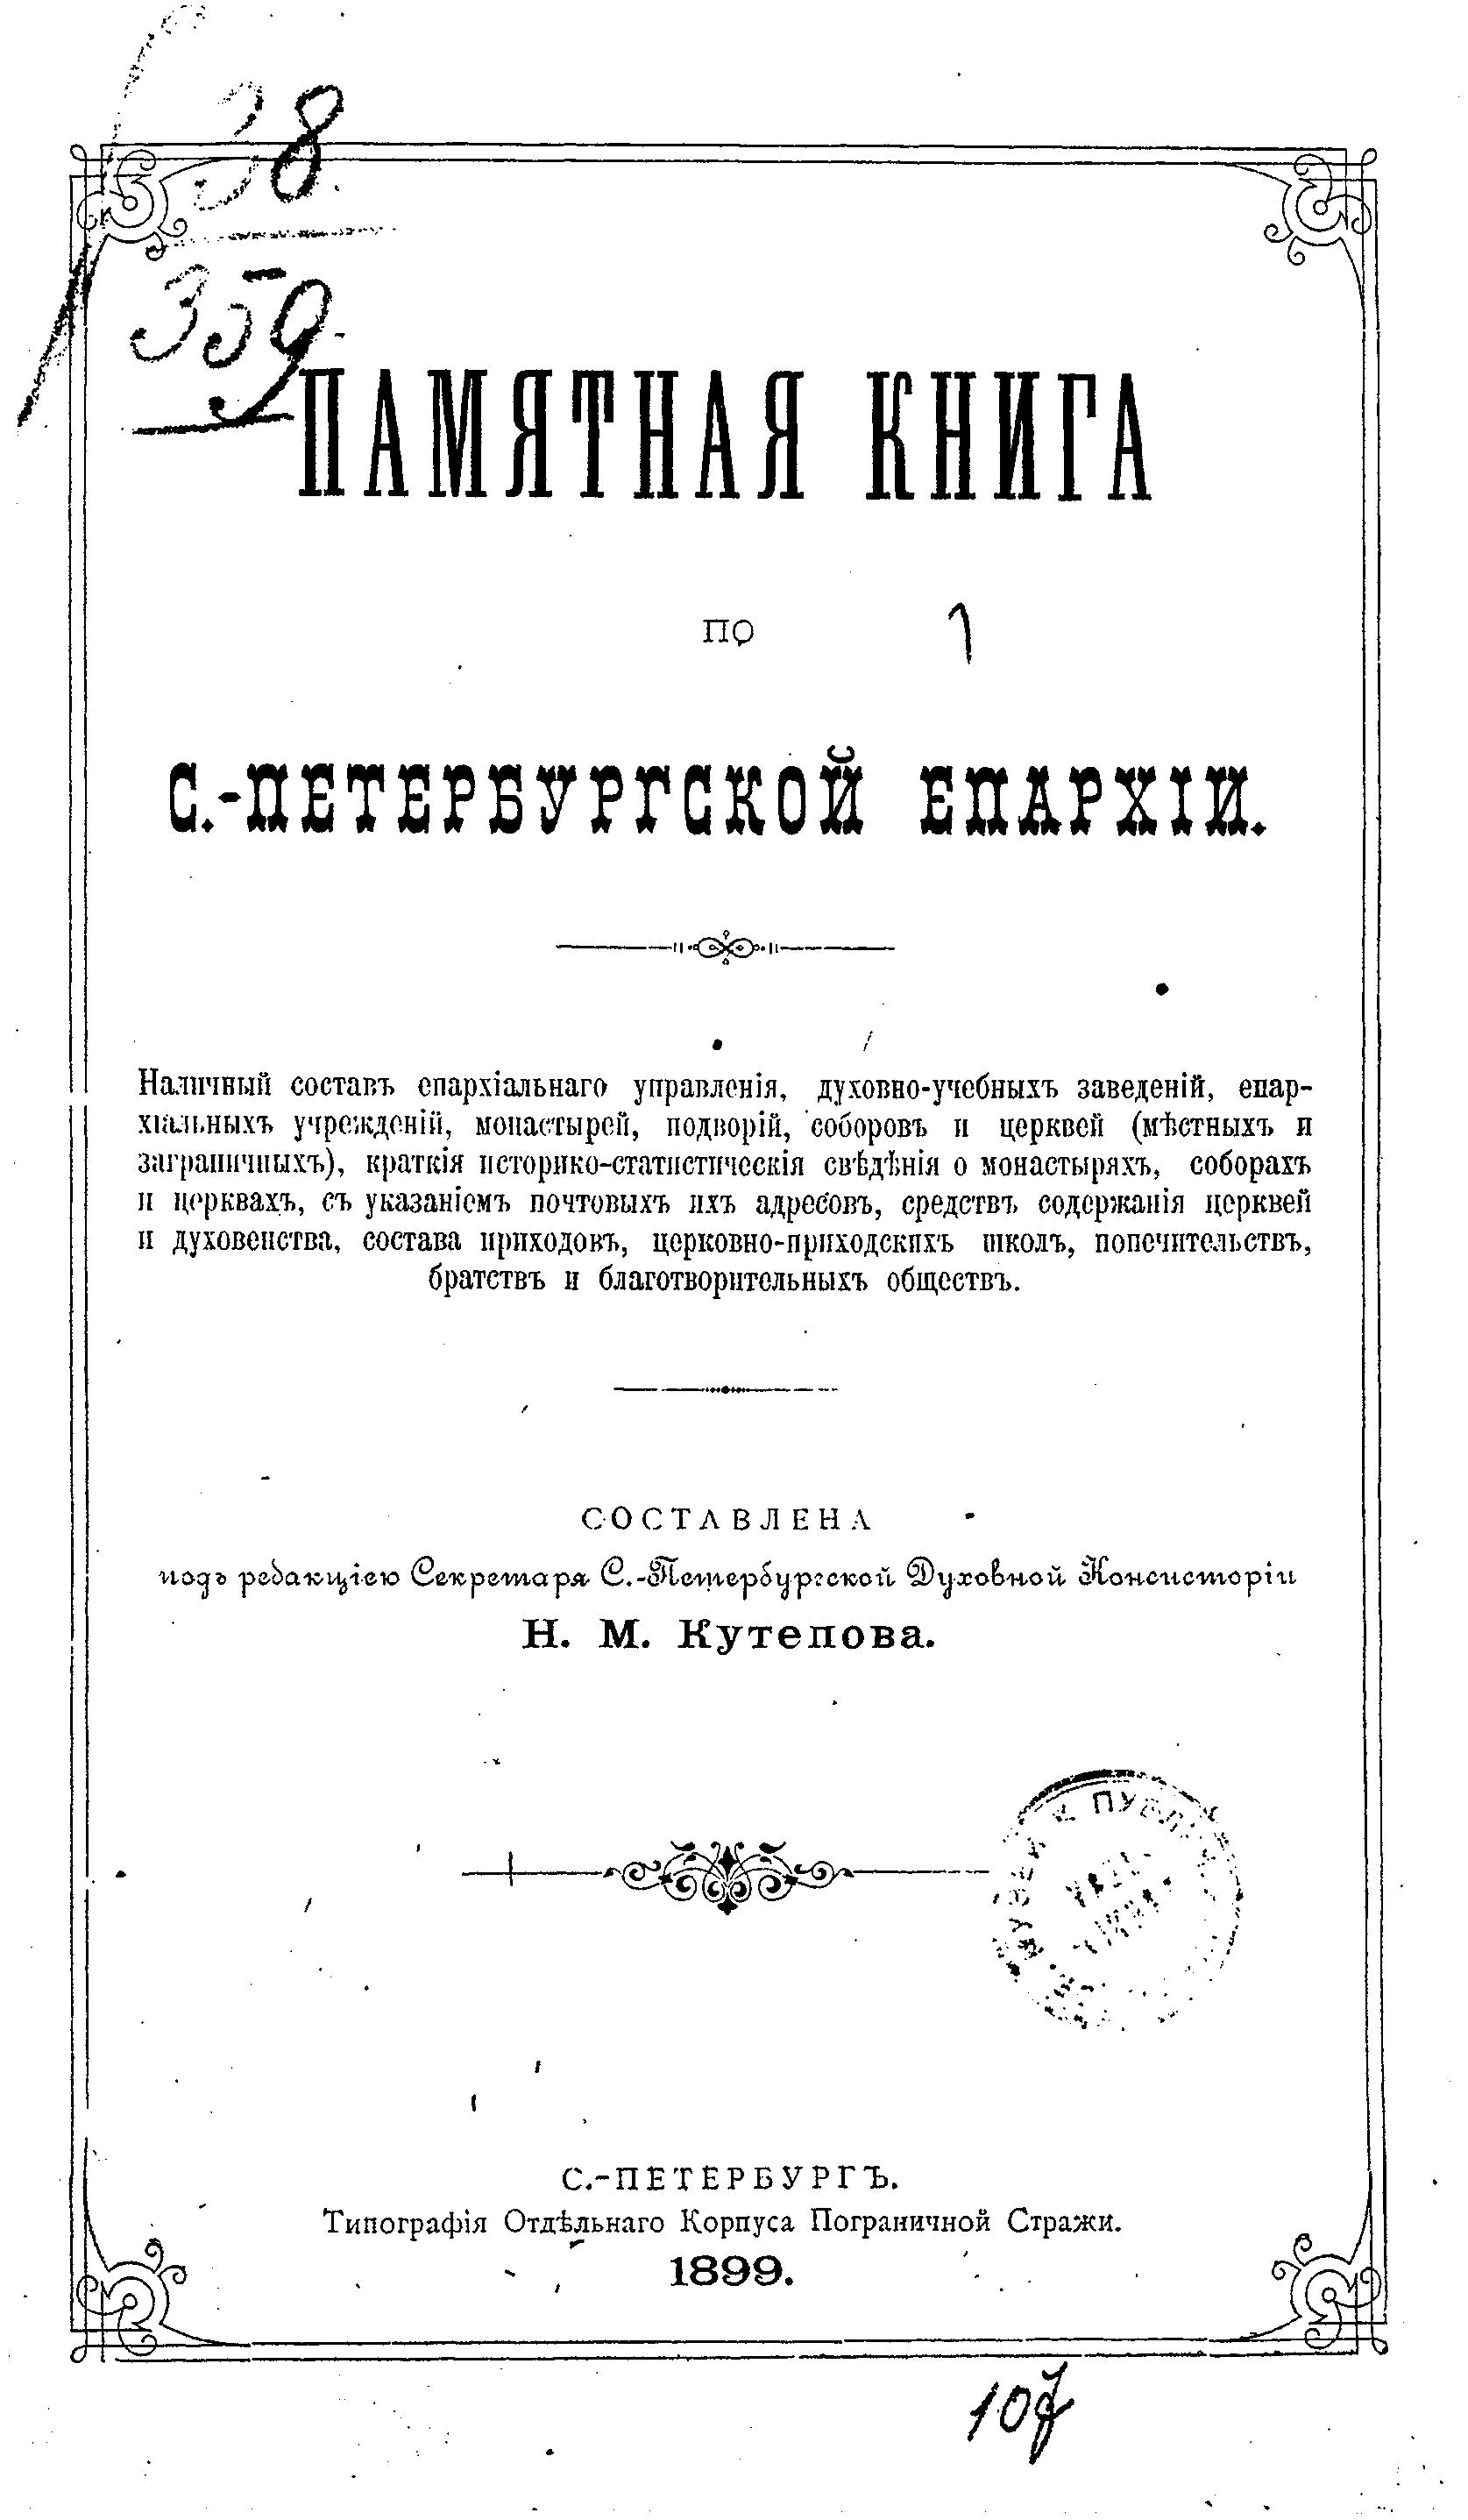 Коллектив авторов Памятная книга по С.-Петербургской епархии цена